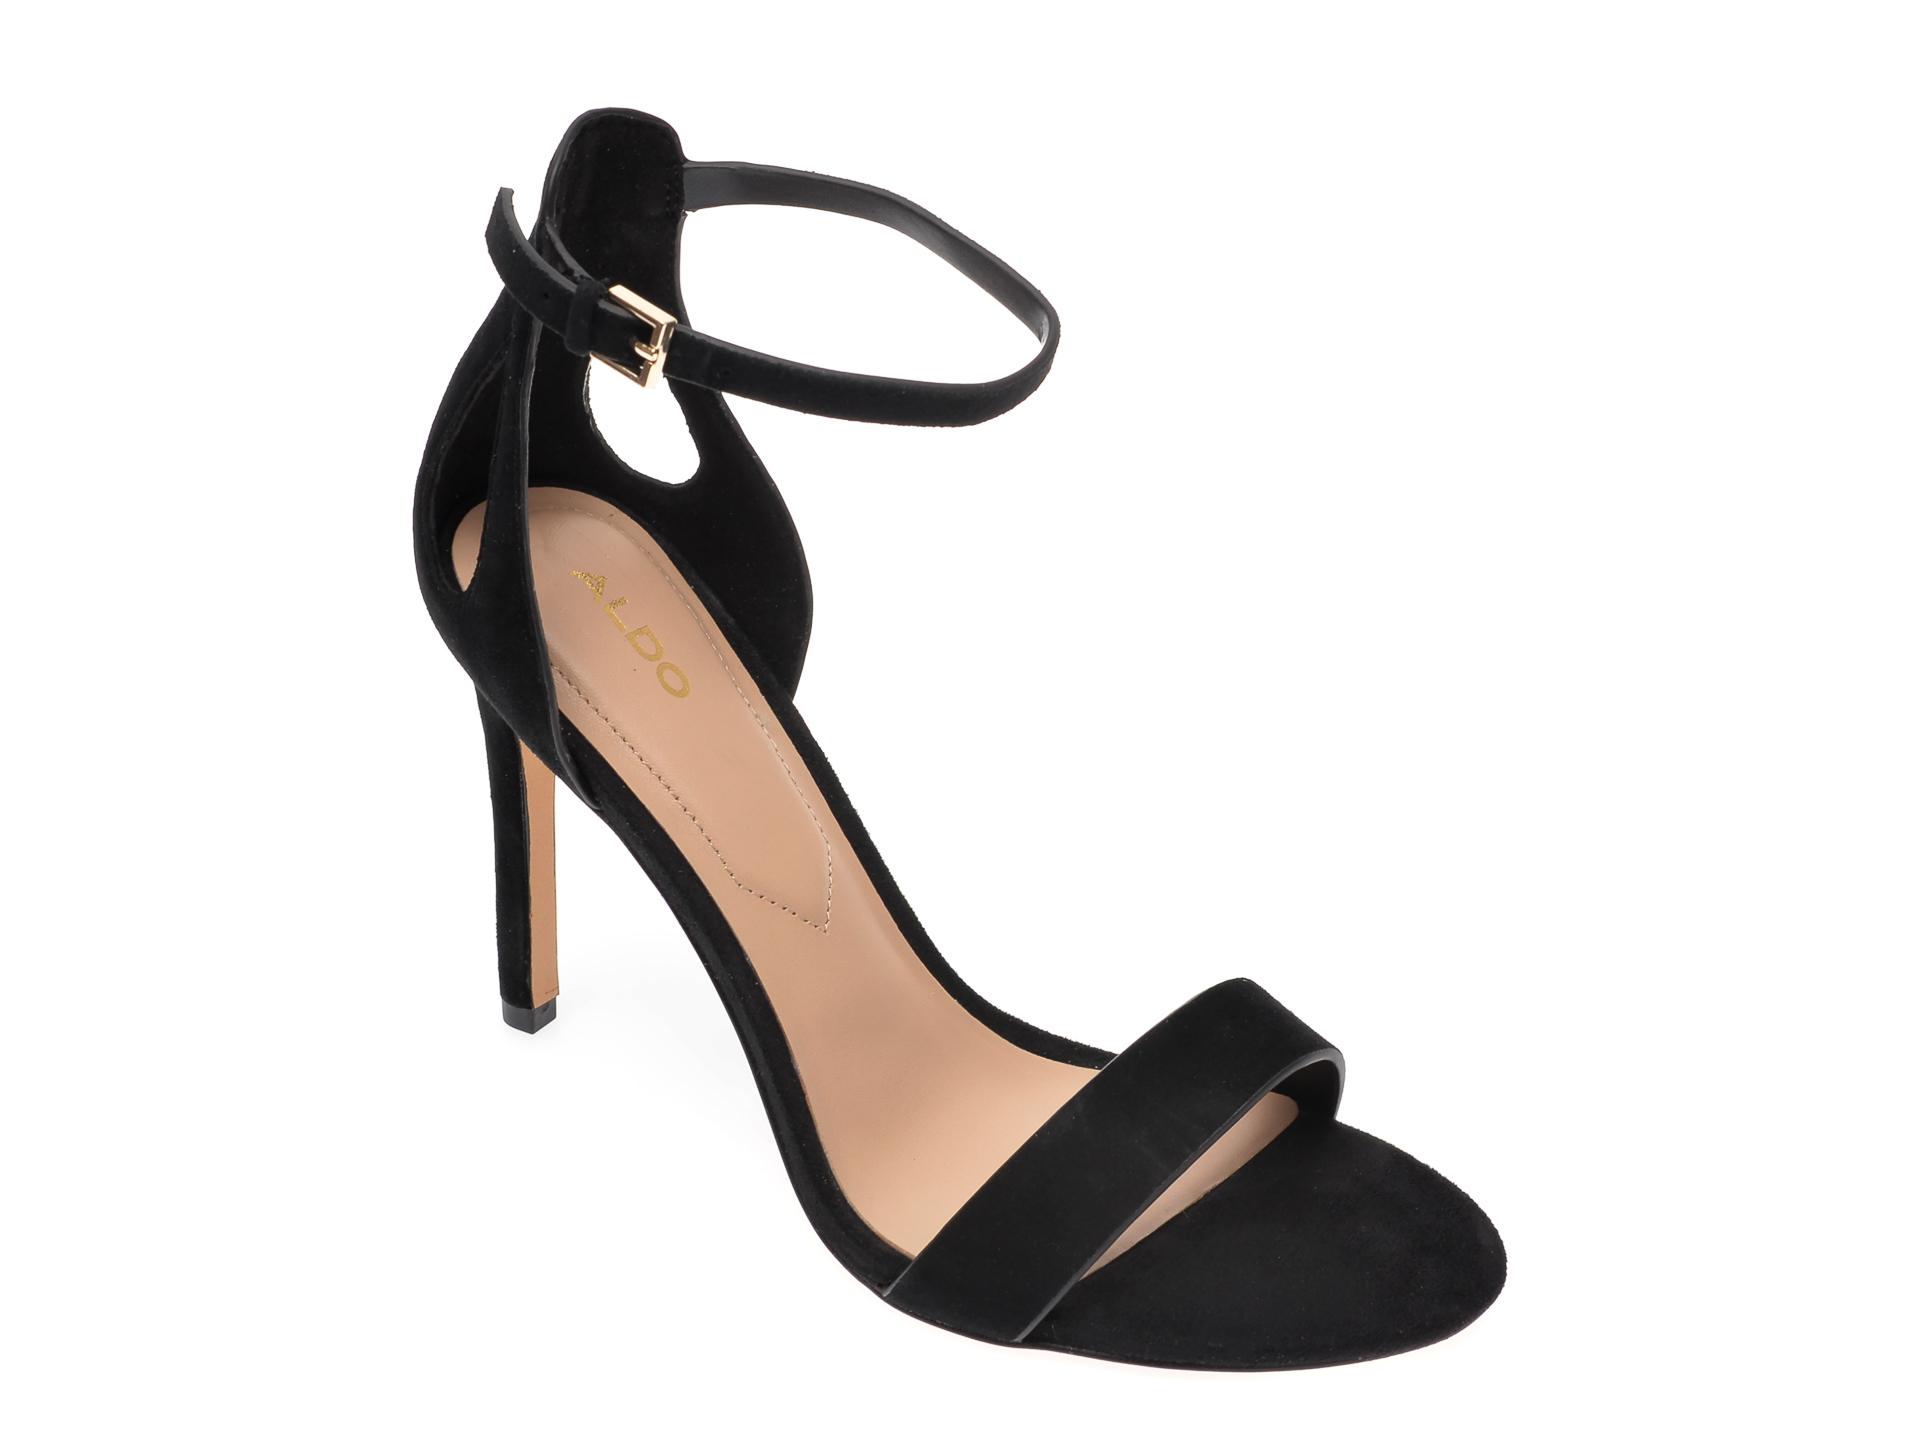 Sandale ALDO negre, Violla001, din piele intoarsa New